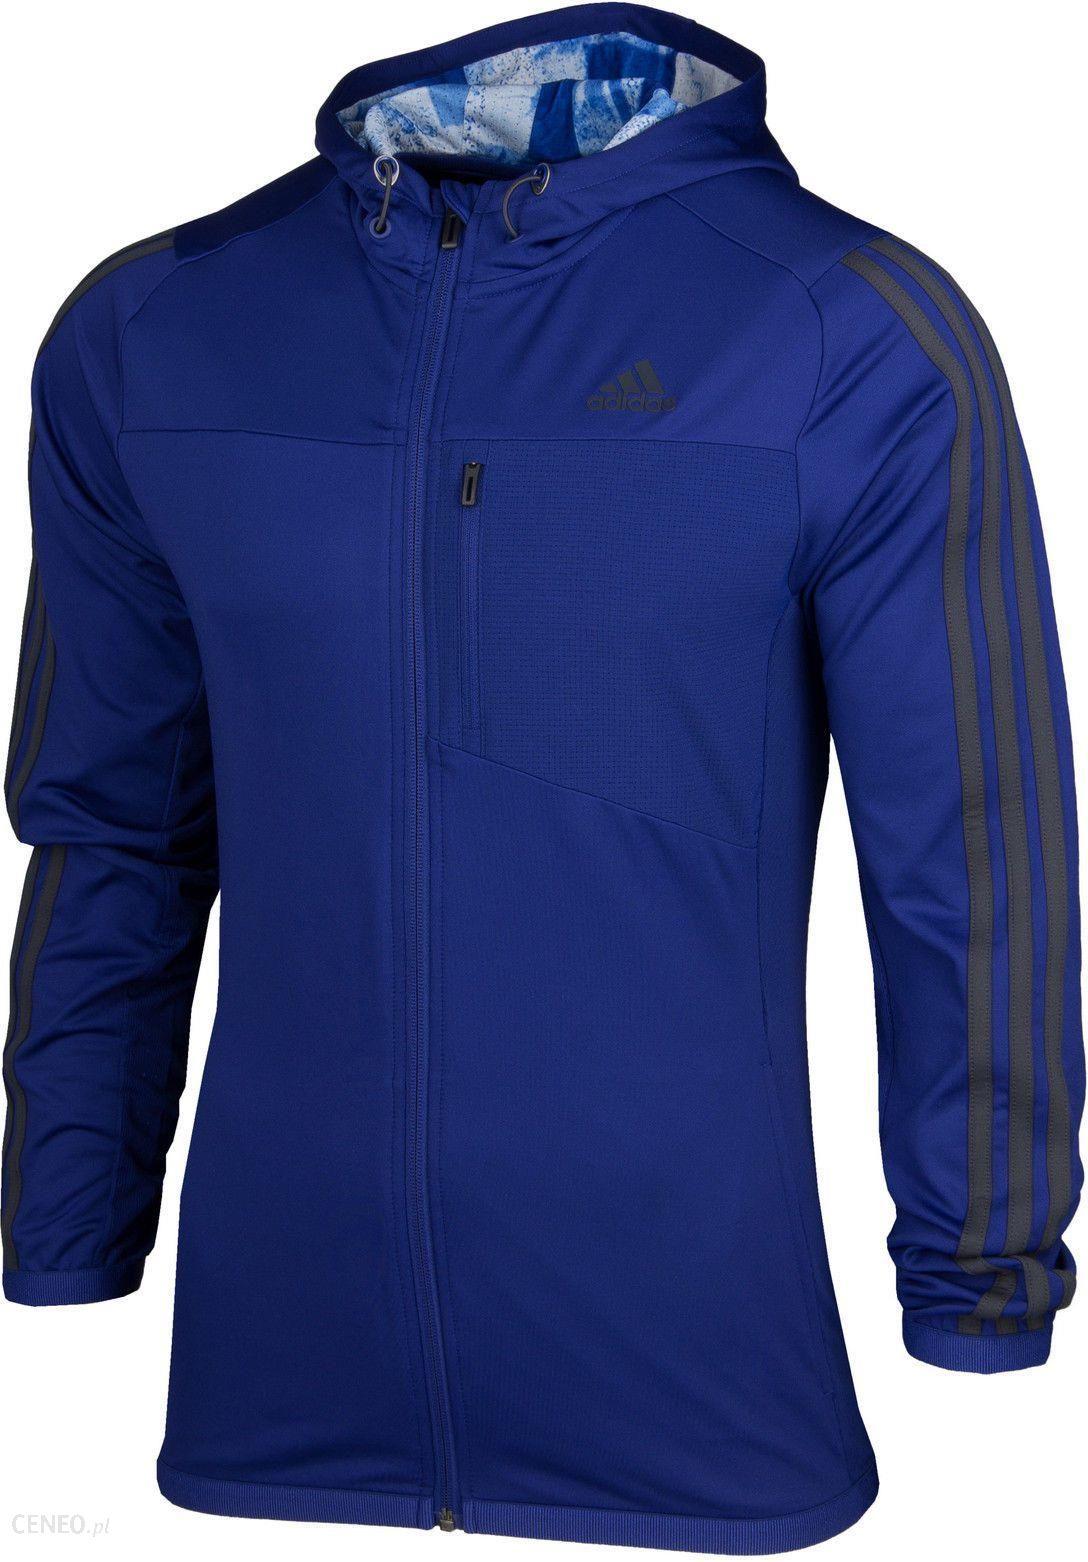 Adidas Climacool 365 Bluza Treningowa AY3926 M Ceny i opinie Ceneo.pl